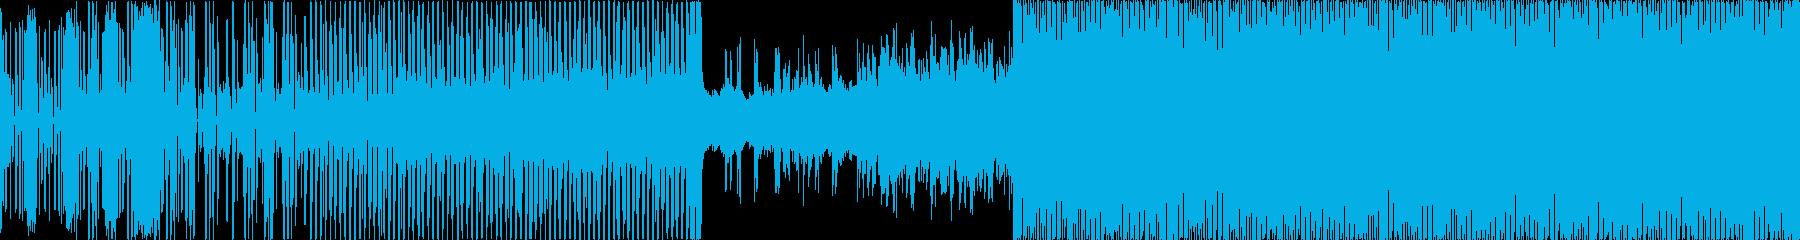 ロンド・ヴェネツィアーノ。ランニン...の再生済みの波形